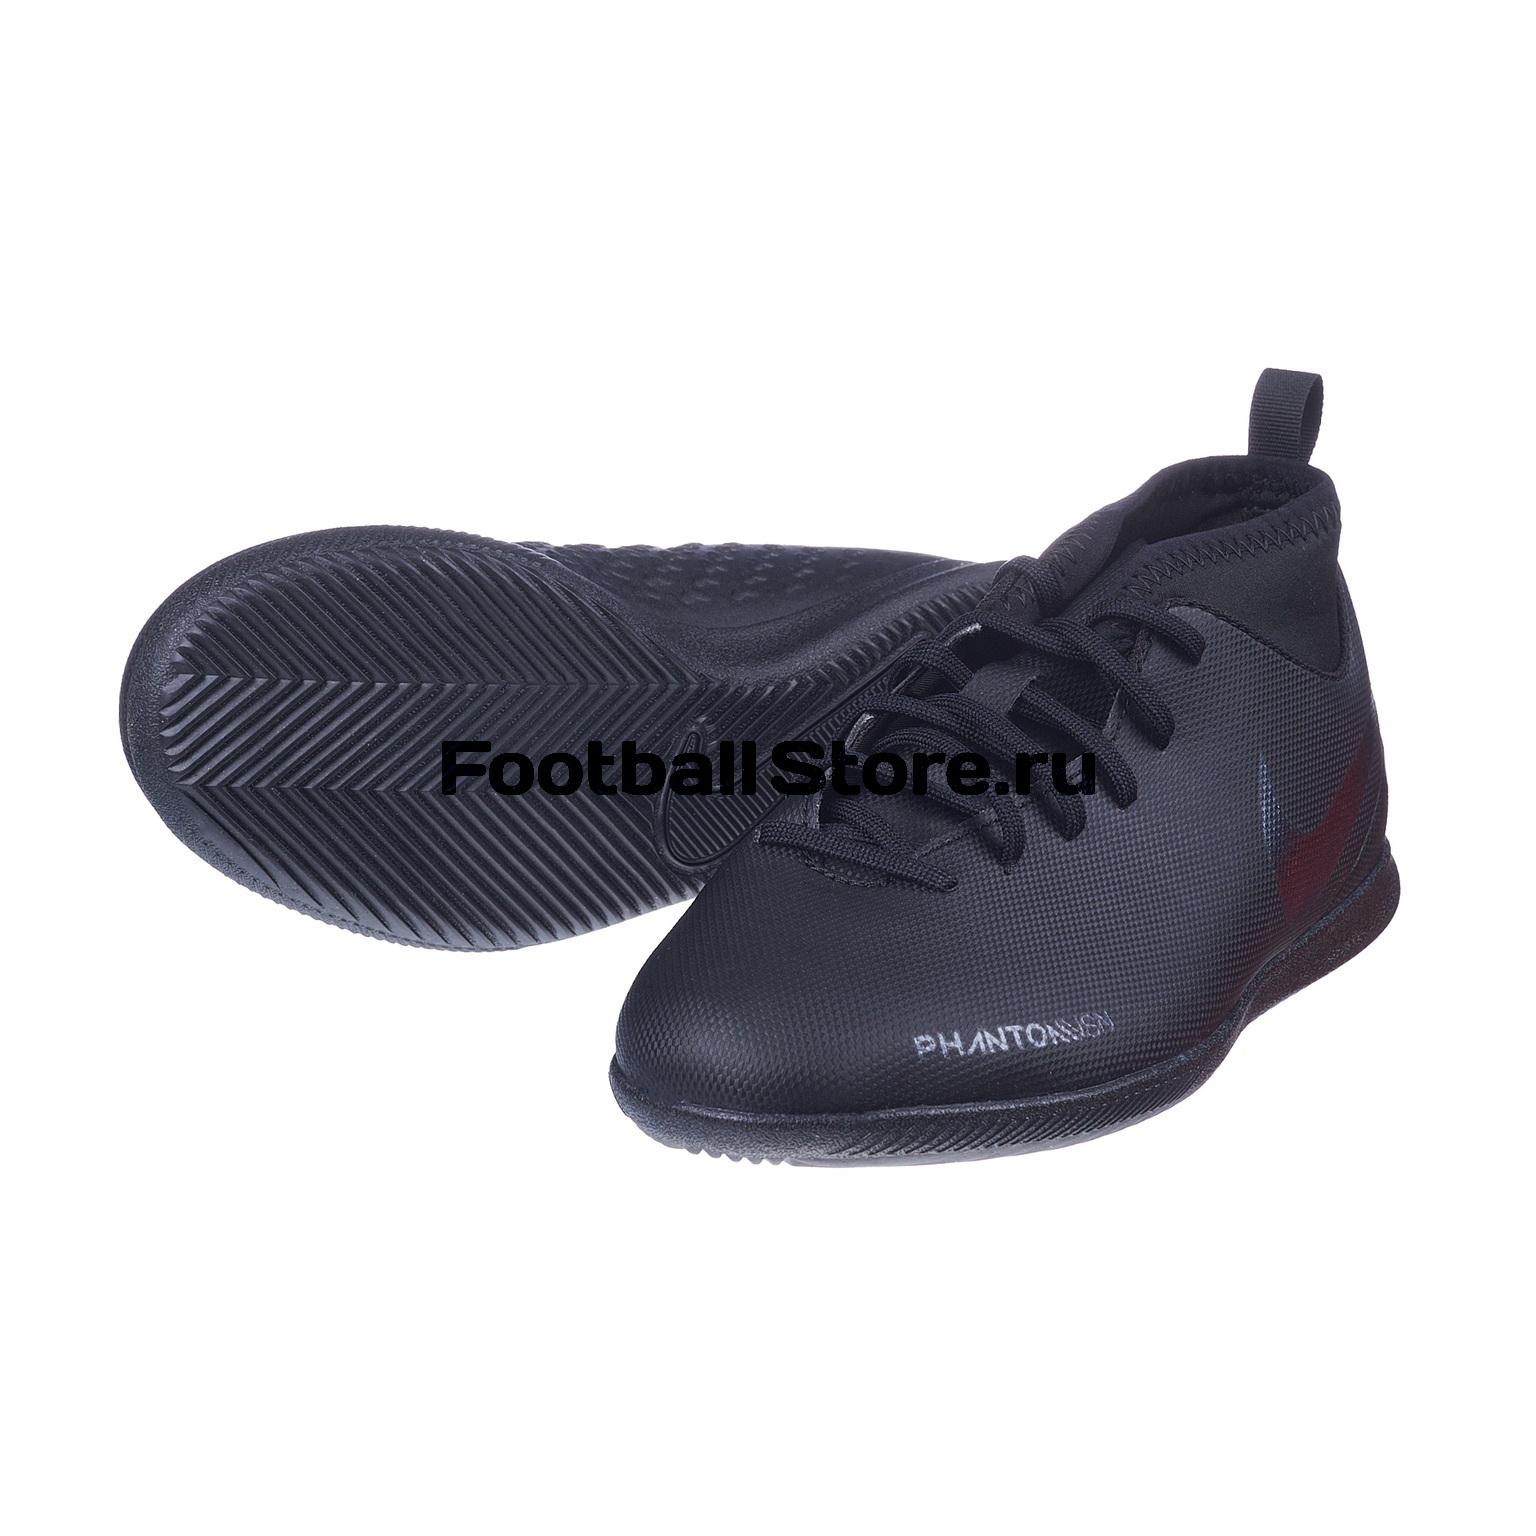 Обувь для зала Nike JR Phantom Vision Club DF IC AO3293-001 обувь для зала nike phantom vision club df ic ao3271 001